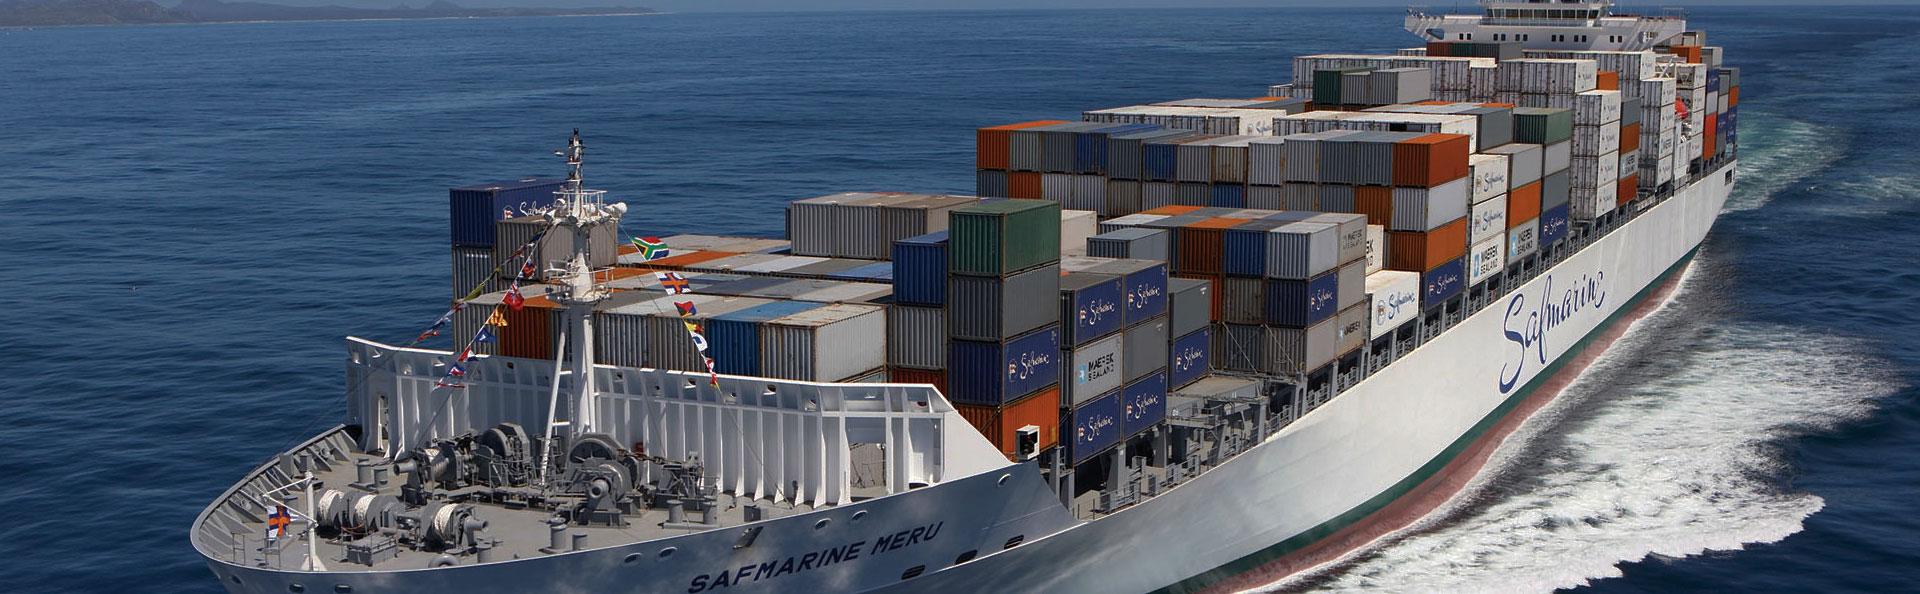 морские перевозки стоимость